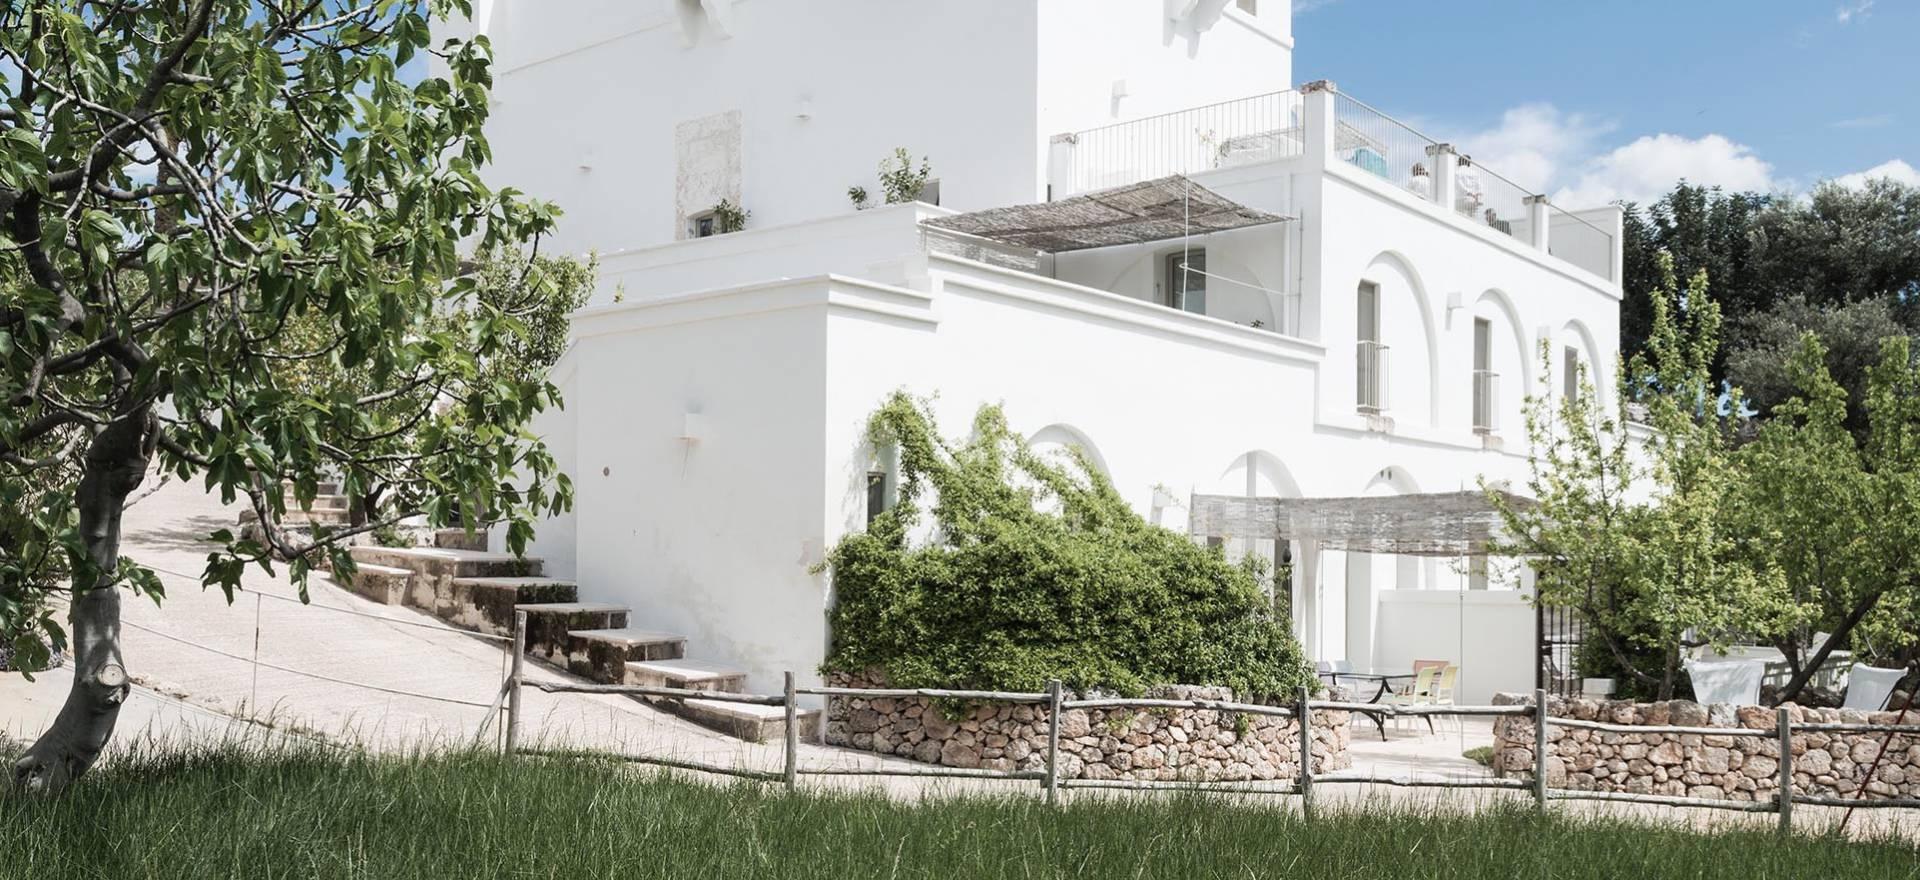 Agriturismo Puglia Rustige masseria in Puglia met stijlvol interieur